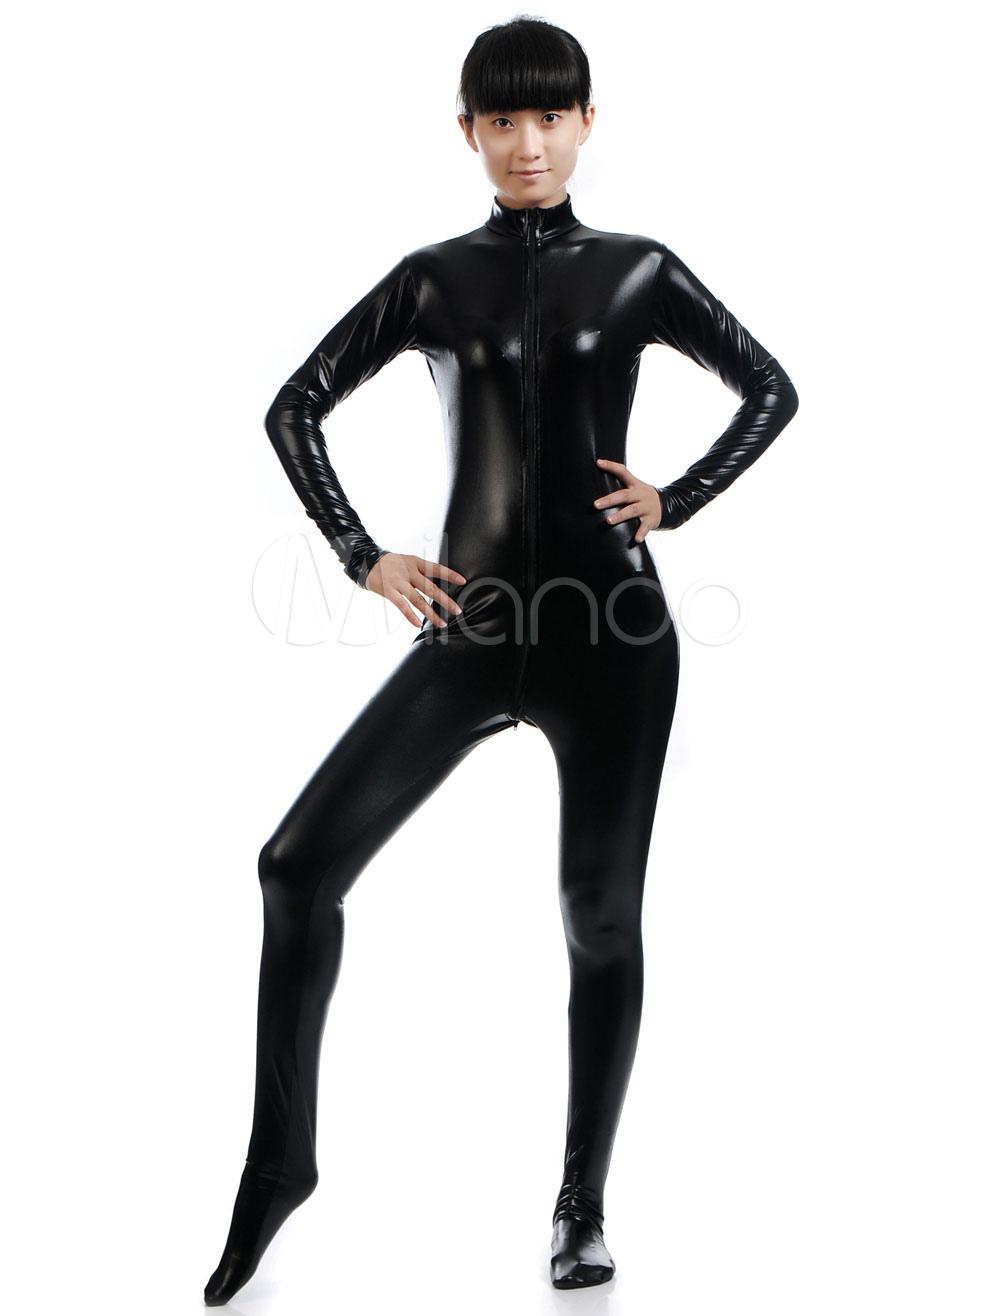 Buy Black Halloween Costume Cosplay Shiny Metallic Cosplay Zentai Suit Halloween for $33.99 in Milanoo store